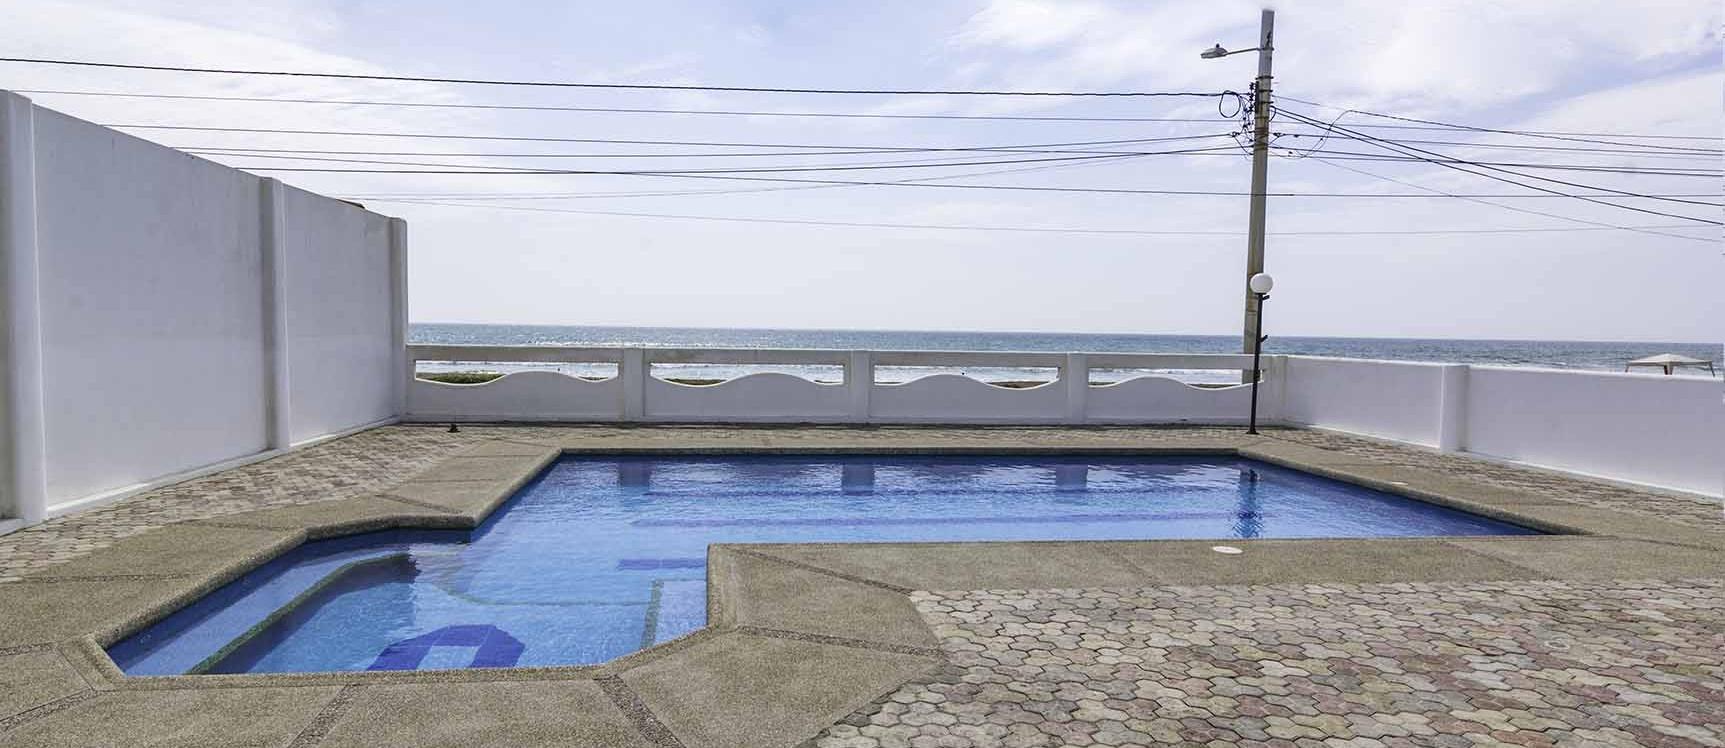 GeoBienes - Departamento en venta en Edificio Punta Sol en Punta Carnero - Plusvalia Guayaquil Casas de venta y alquiler Inmobiliaria Ecuador